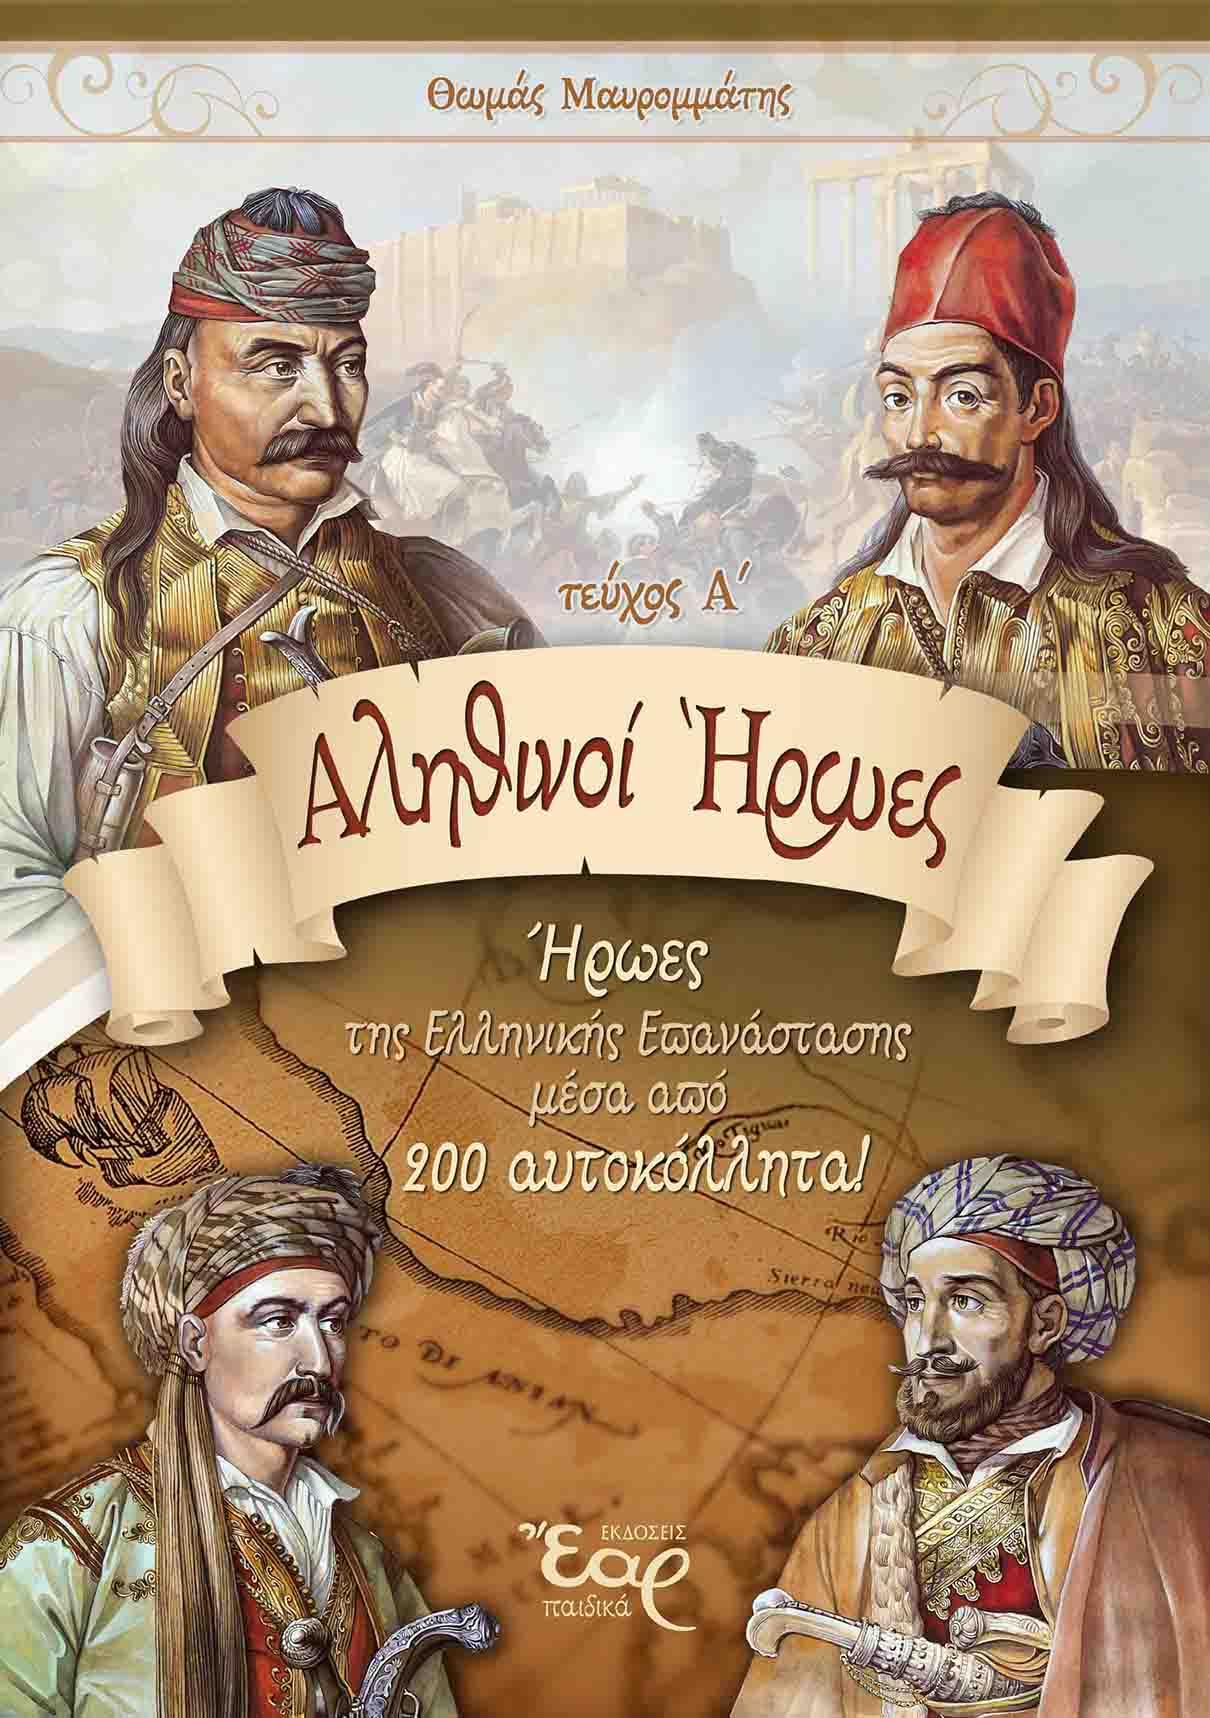 Βιβλία για το 1821 ΑΛΗΘΙΝΟΙ ΗΡΩΕΣ (ΑΛΜΠΟΥΜ 1821) - Α΄